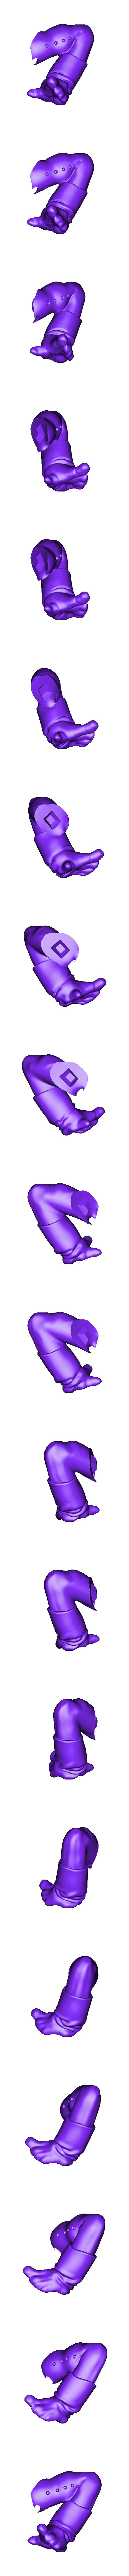 Fat_Buu_-_Left_Arm.stl Télécharger fichier STL gratuit Fat Buu - Dragon Ball • Plan imprimable en 3D, BODY3D